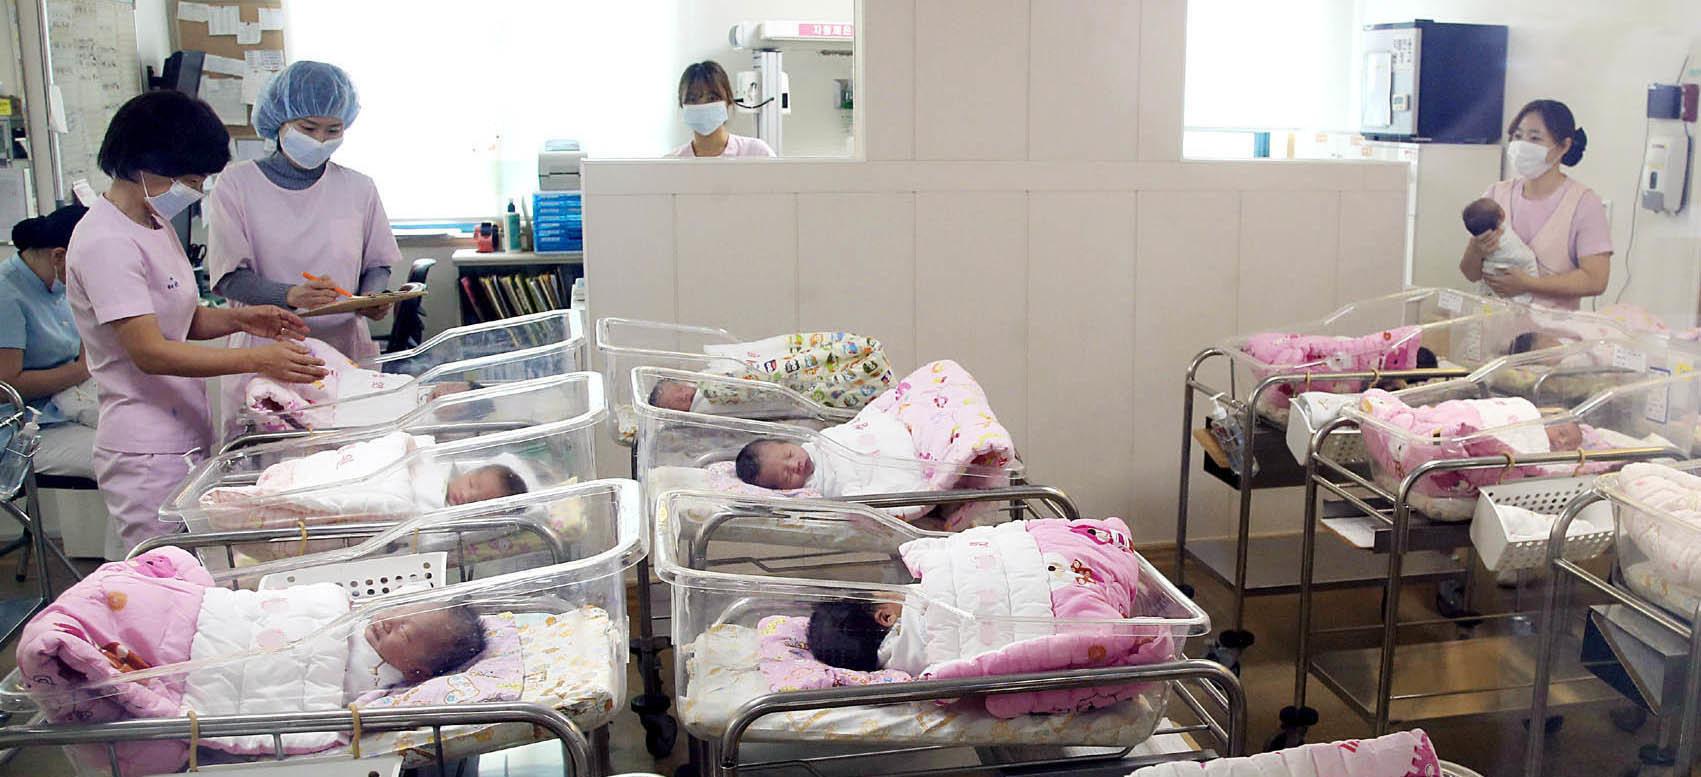 내년 10월부터 아이를 낳은 모든 산모에 250만원 이상이